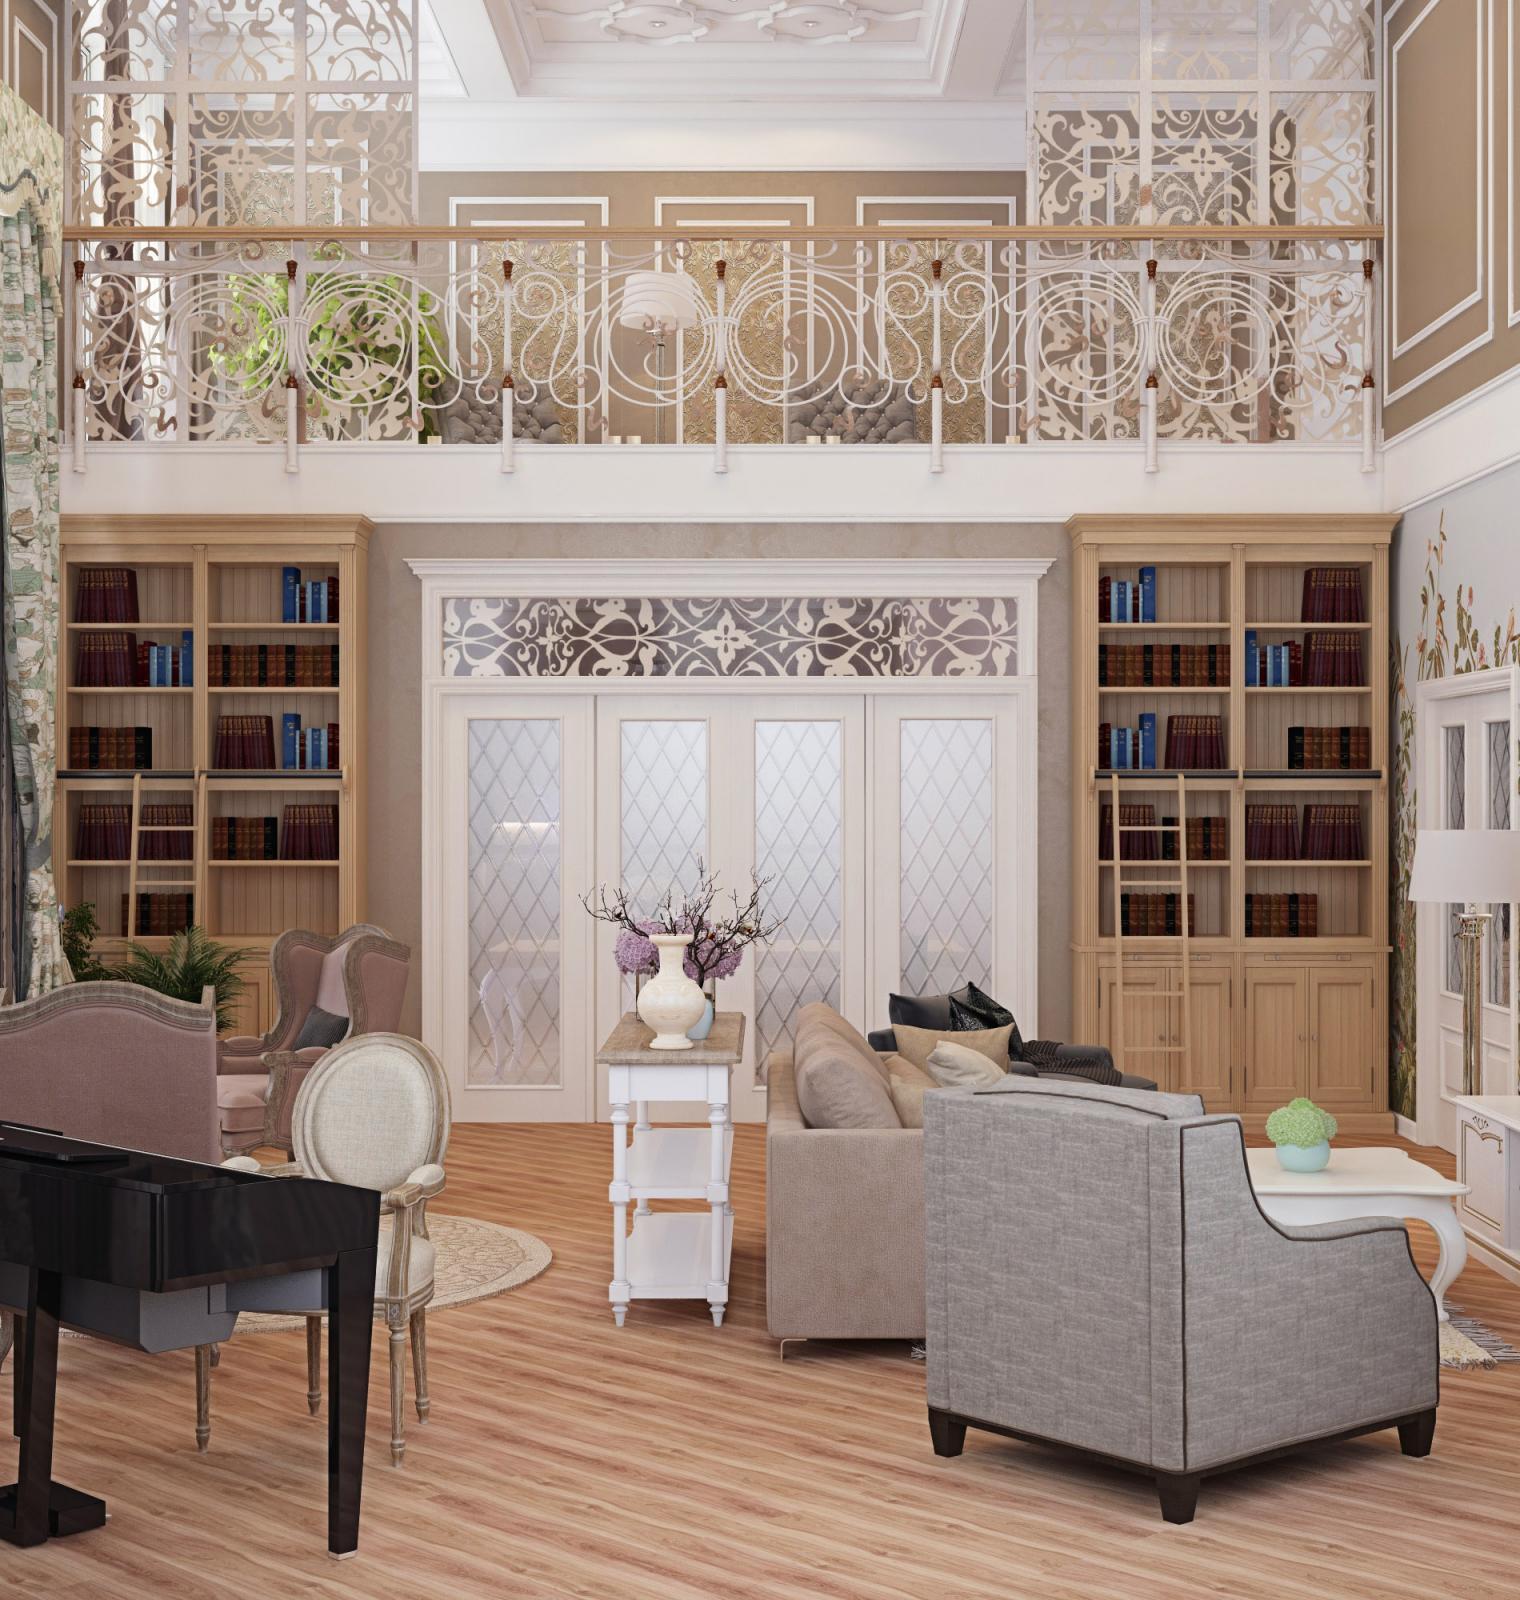 Роскошный особняк в прованском стиле